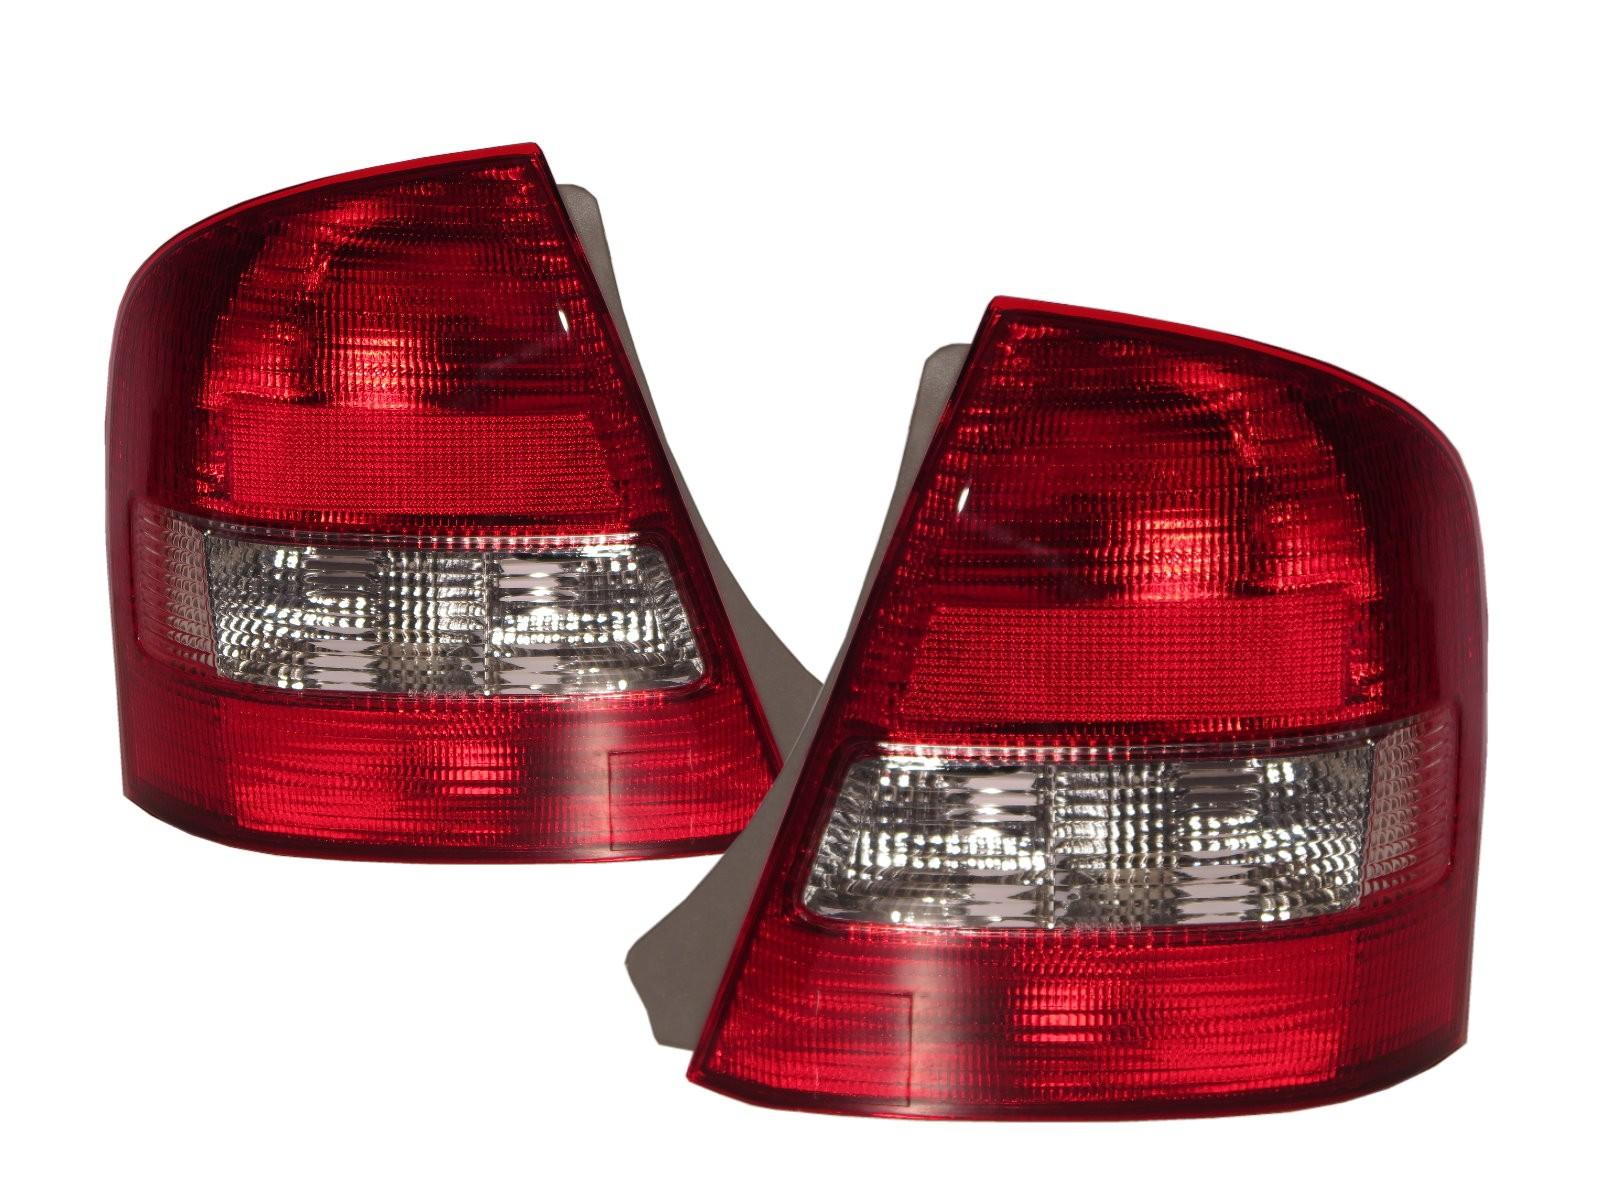 CrazyTheGod 323 BJ Eighth generation 1998-2004 Sedan 4D Clear Tail Rear Light Red/White V4 for MAZDA